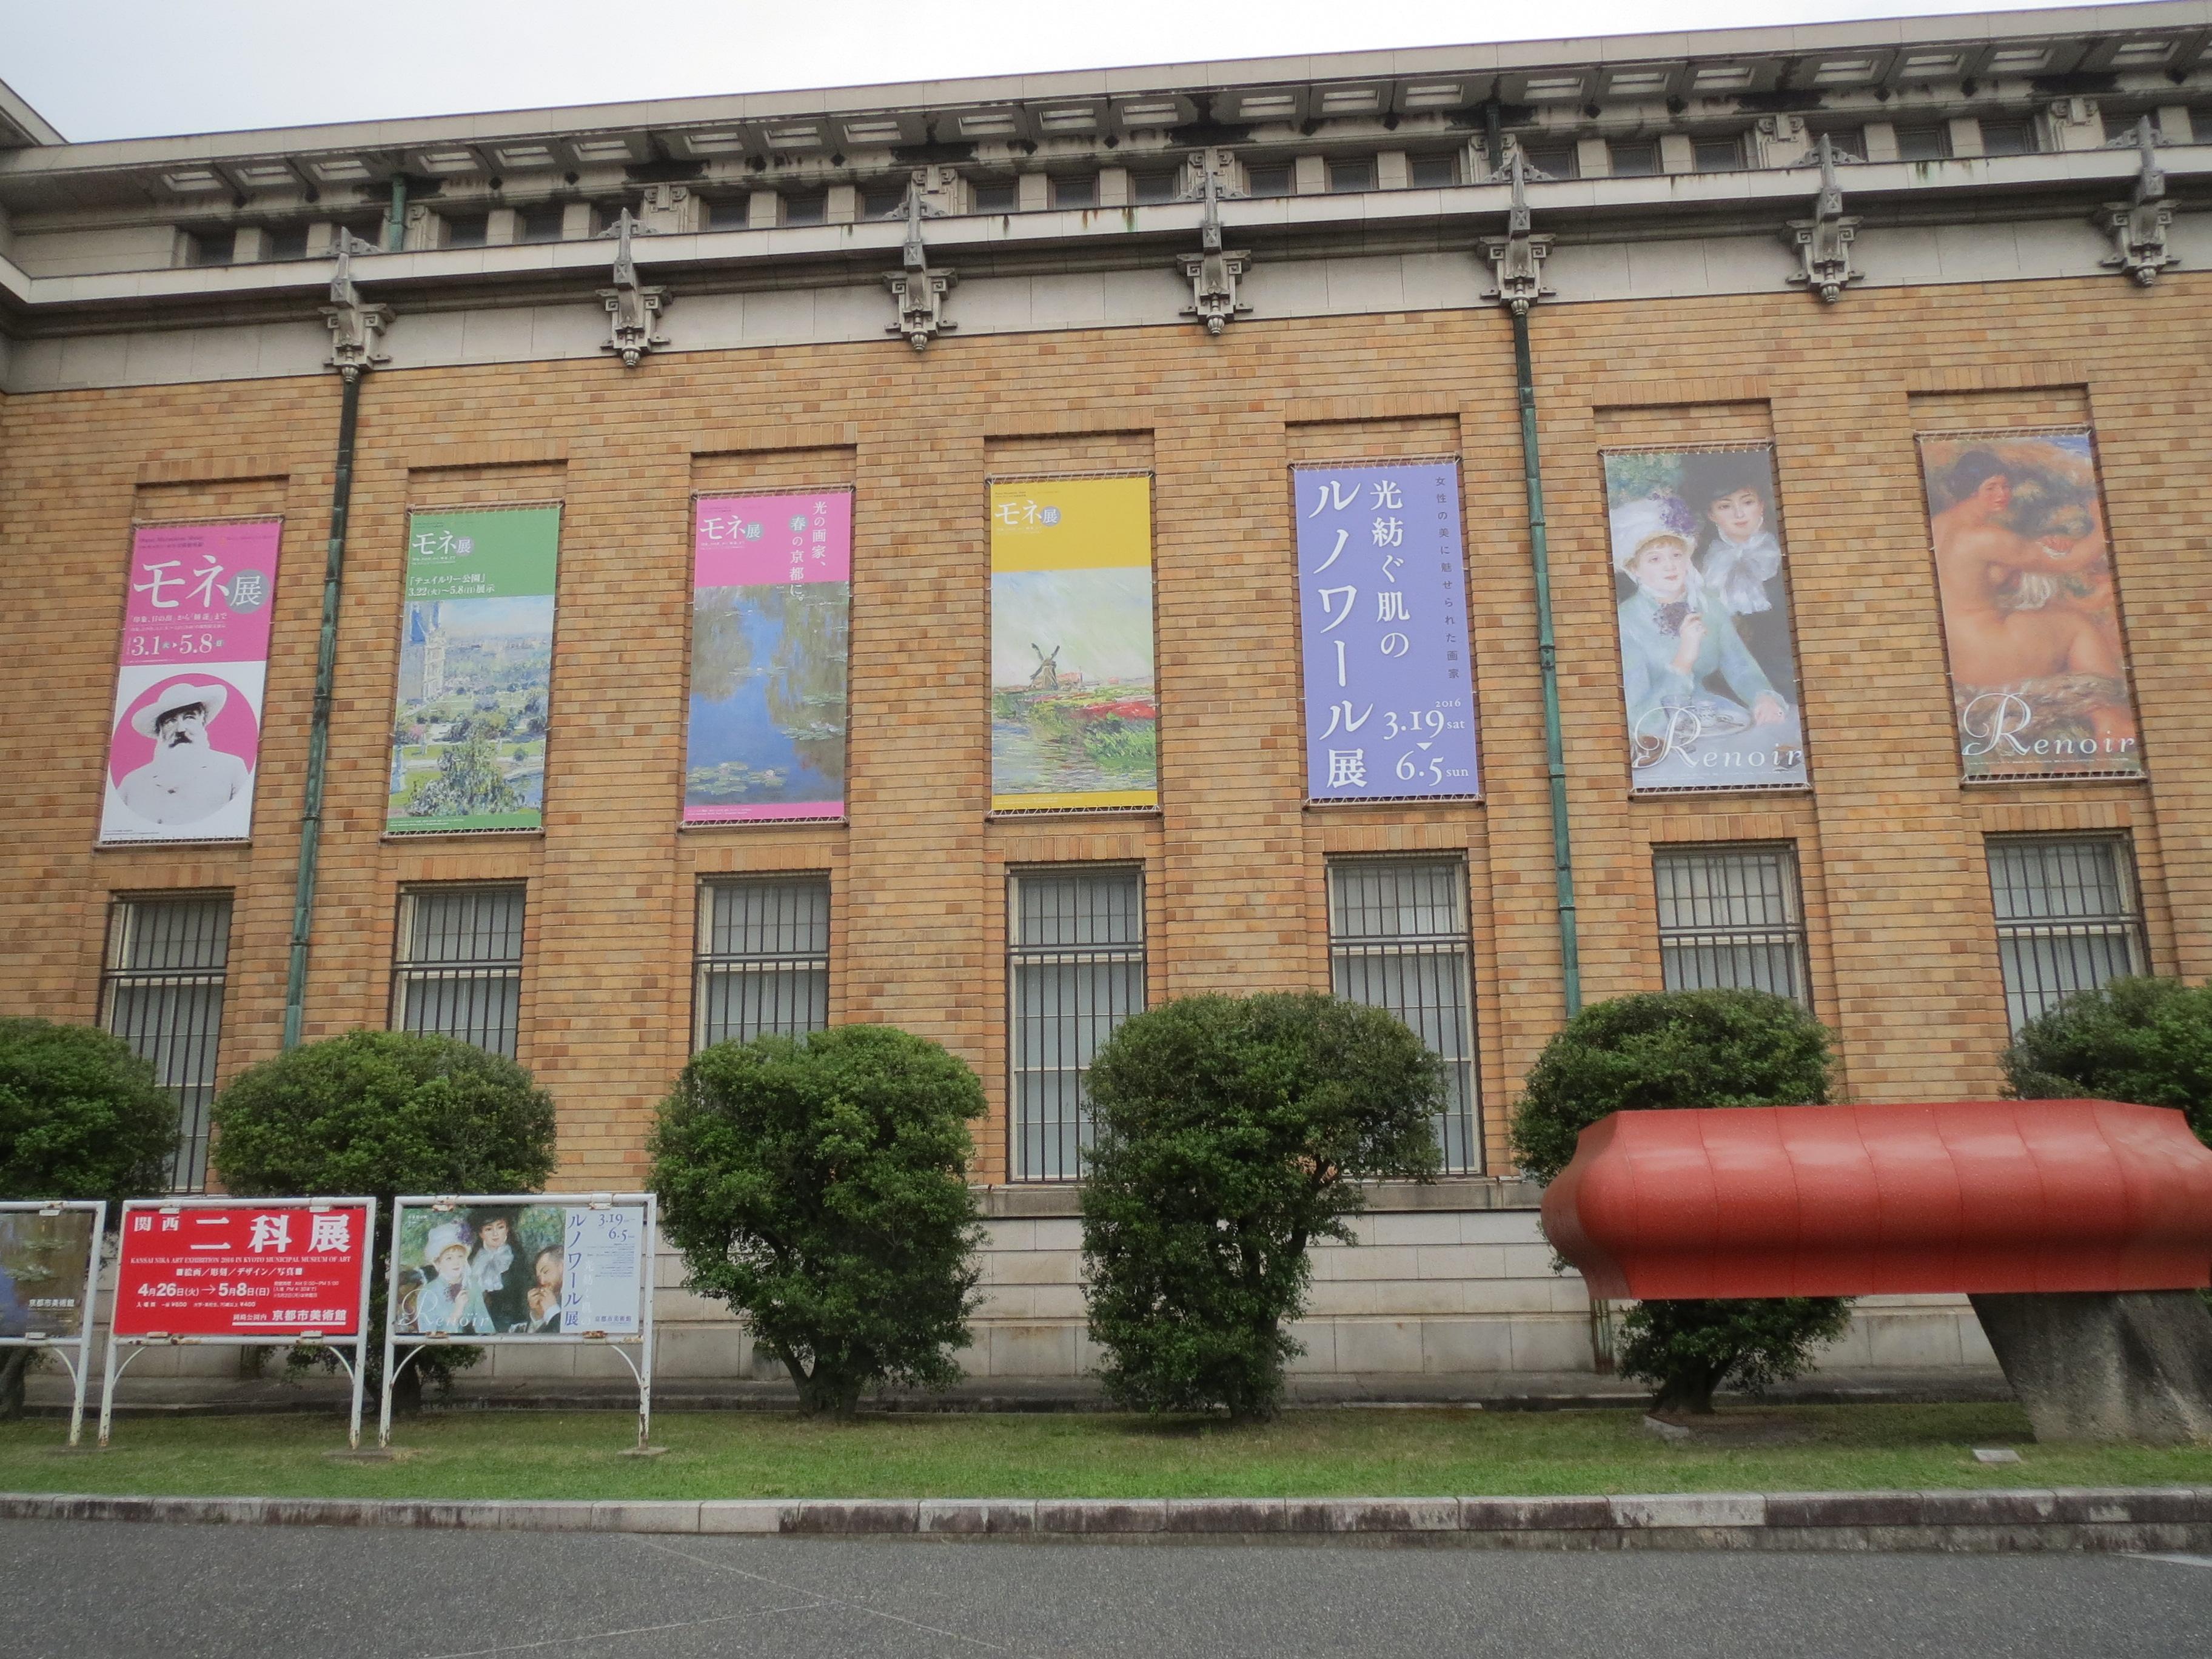 「マルモッタン・モネ美術館所蔵 モネ展」を見て